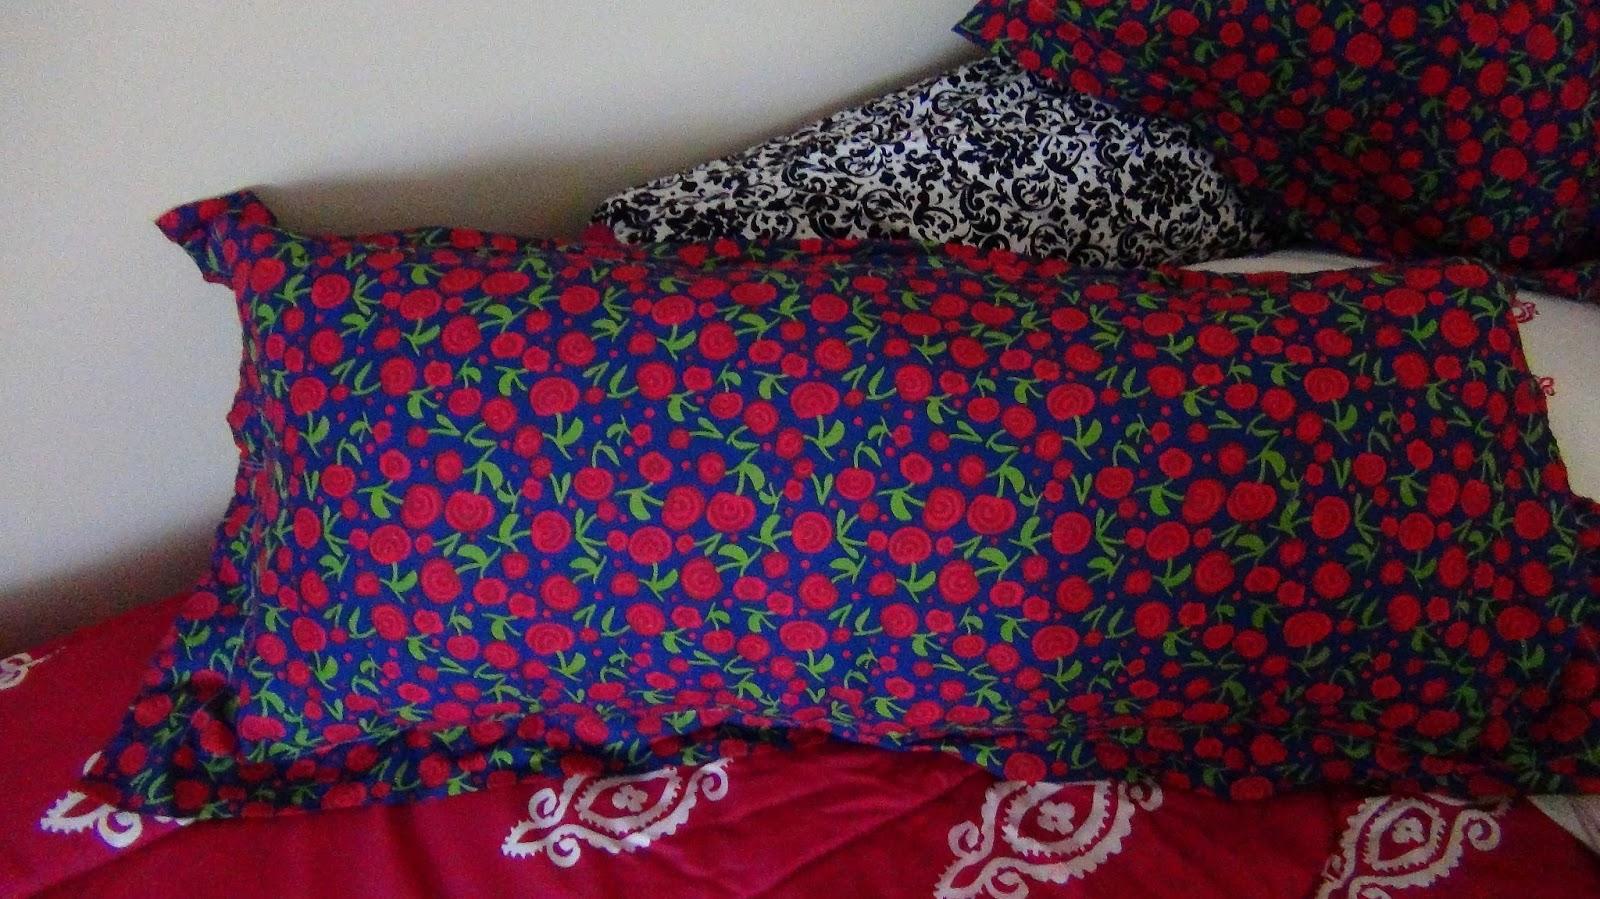 Long Decorative Roll Pillows : Chloe sBeautyLife: DIY Pillows! Body Pillow, Small Pillow, and Long Body Roll Pillow